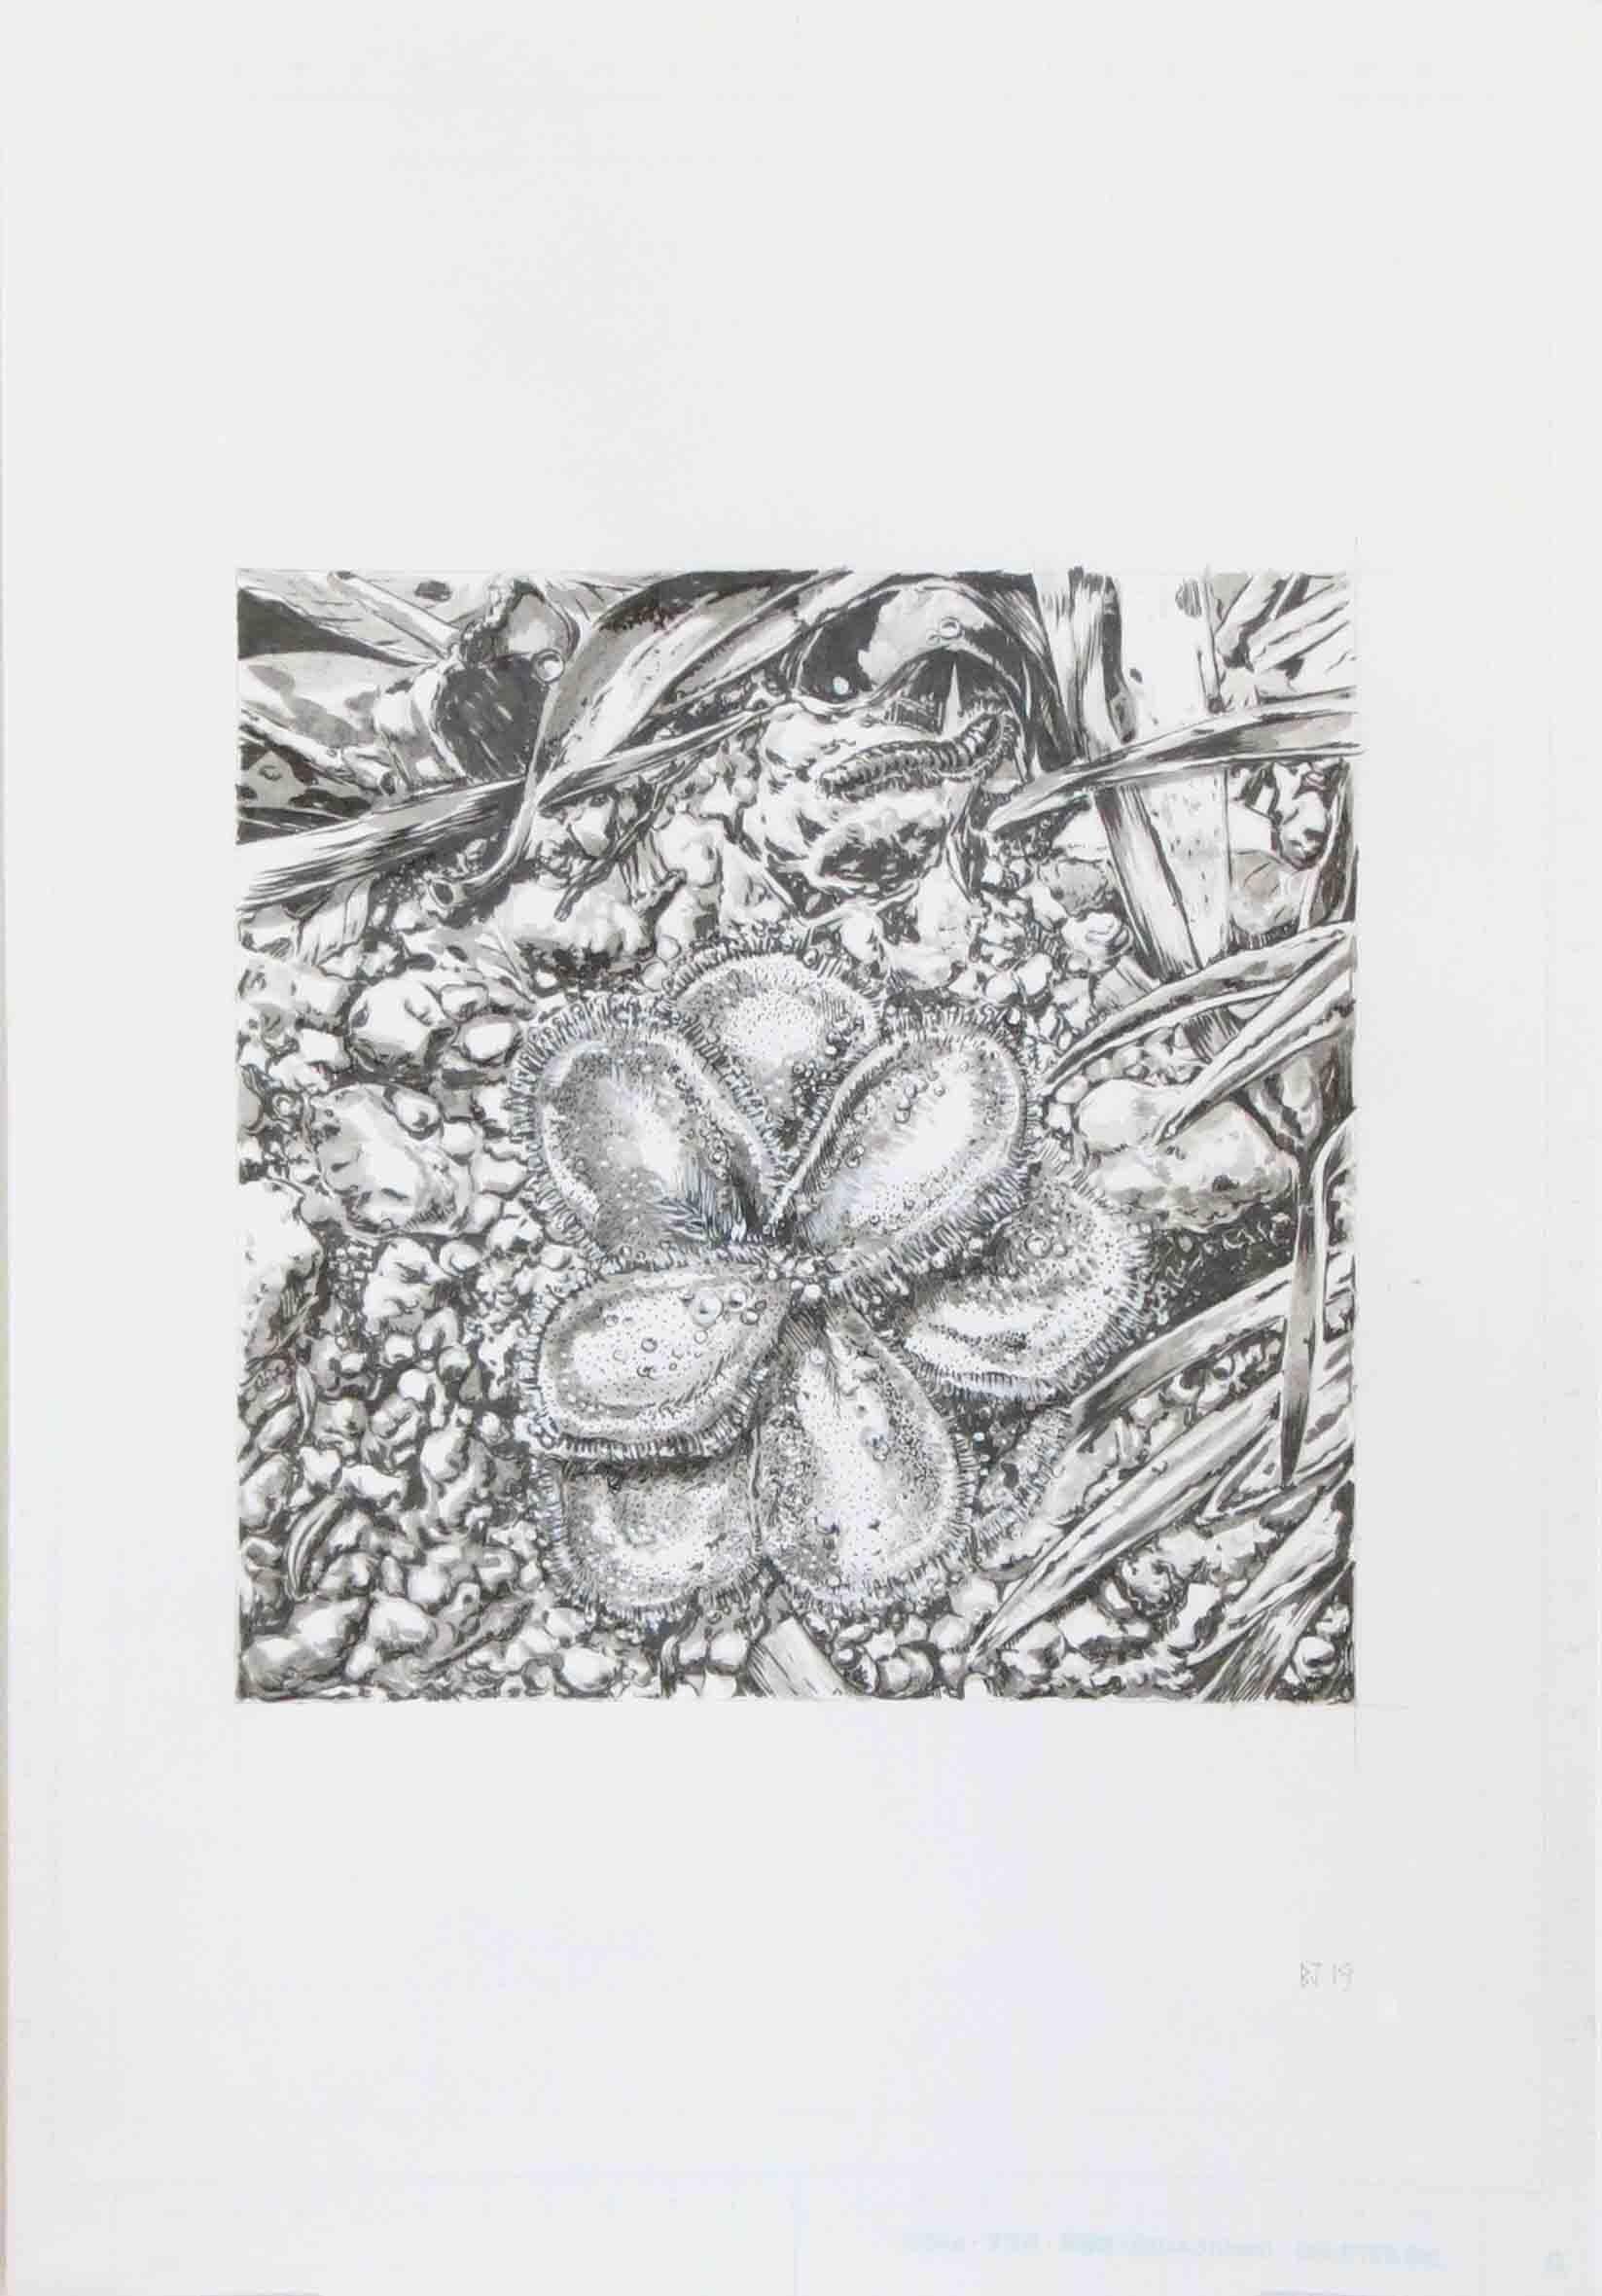 58. Ben Jones, On The Floor 1, 2019, ink on paper, 42 x 29.7 cm $280